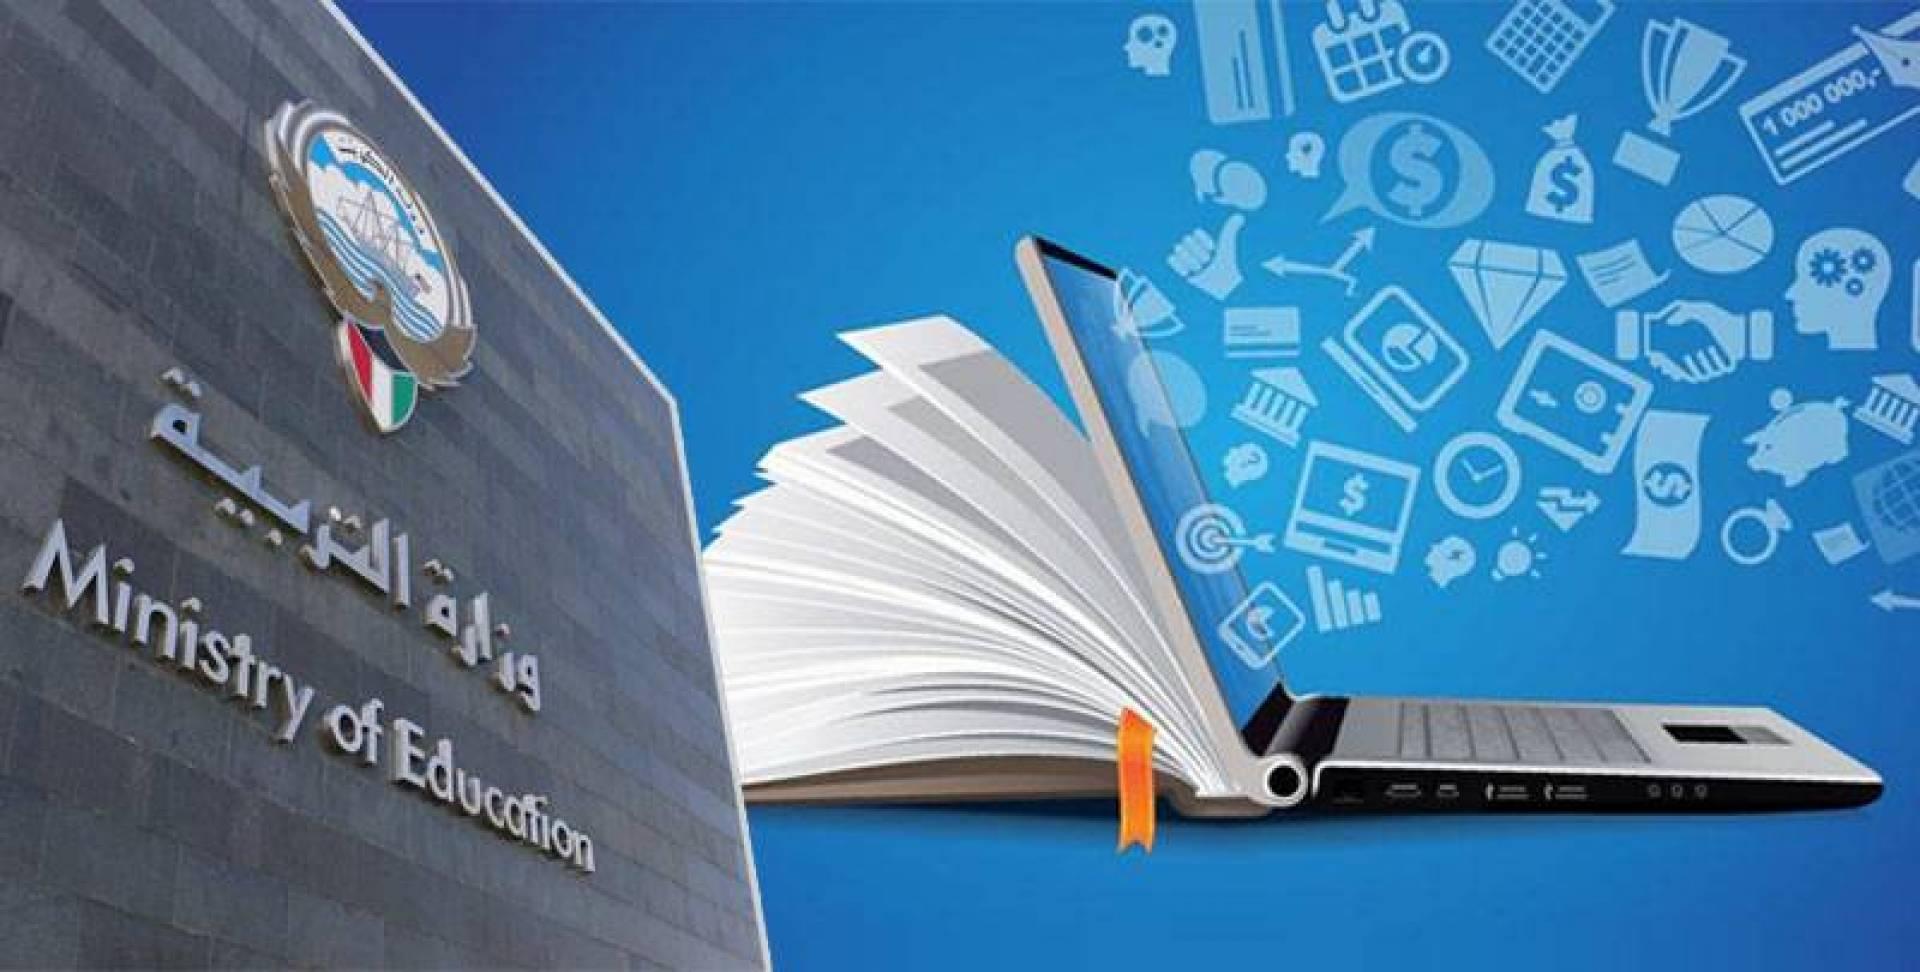 غياب «التعليم الإلكتروني» والدراسة عن بُعد يكشف فشل تخطيط «التربية» على مدى عقود